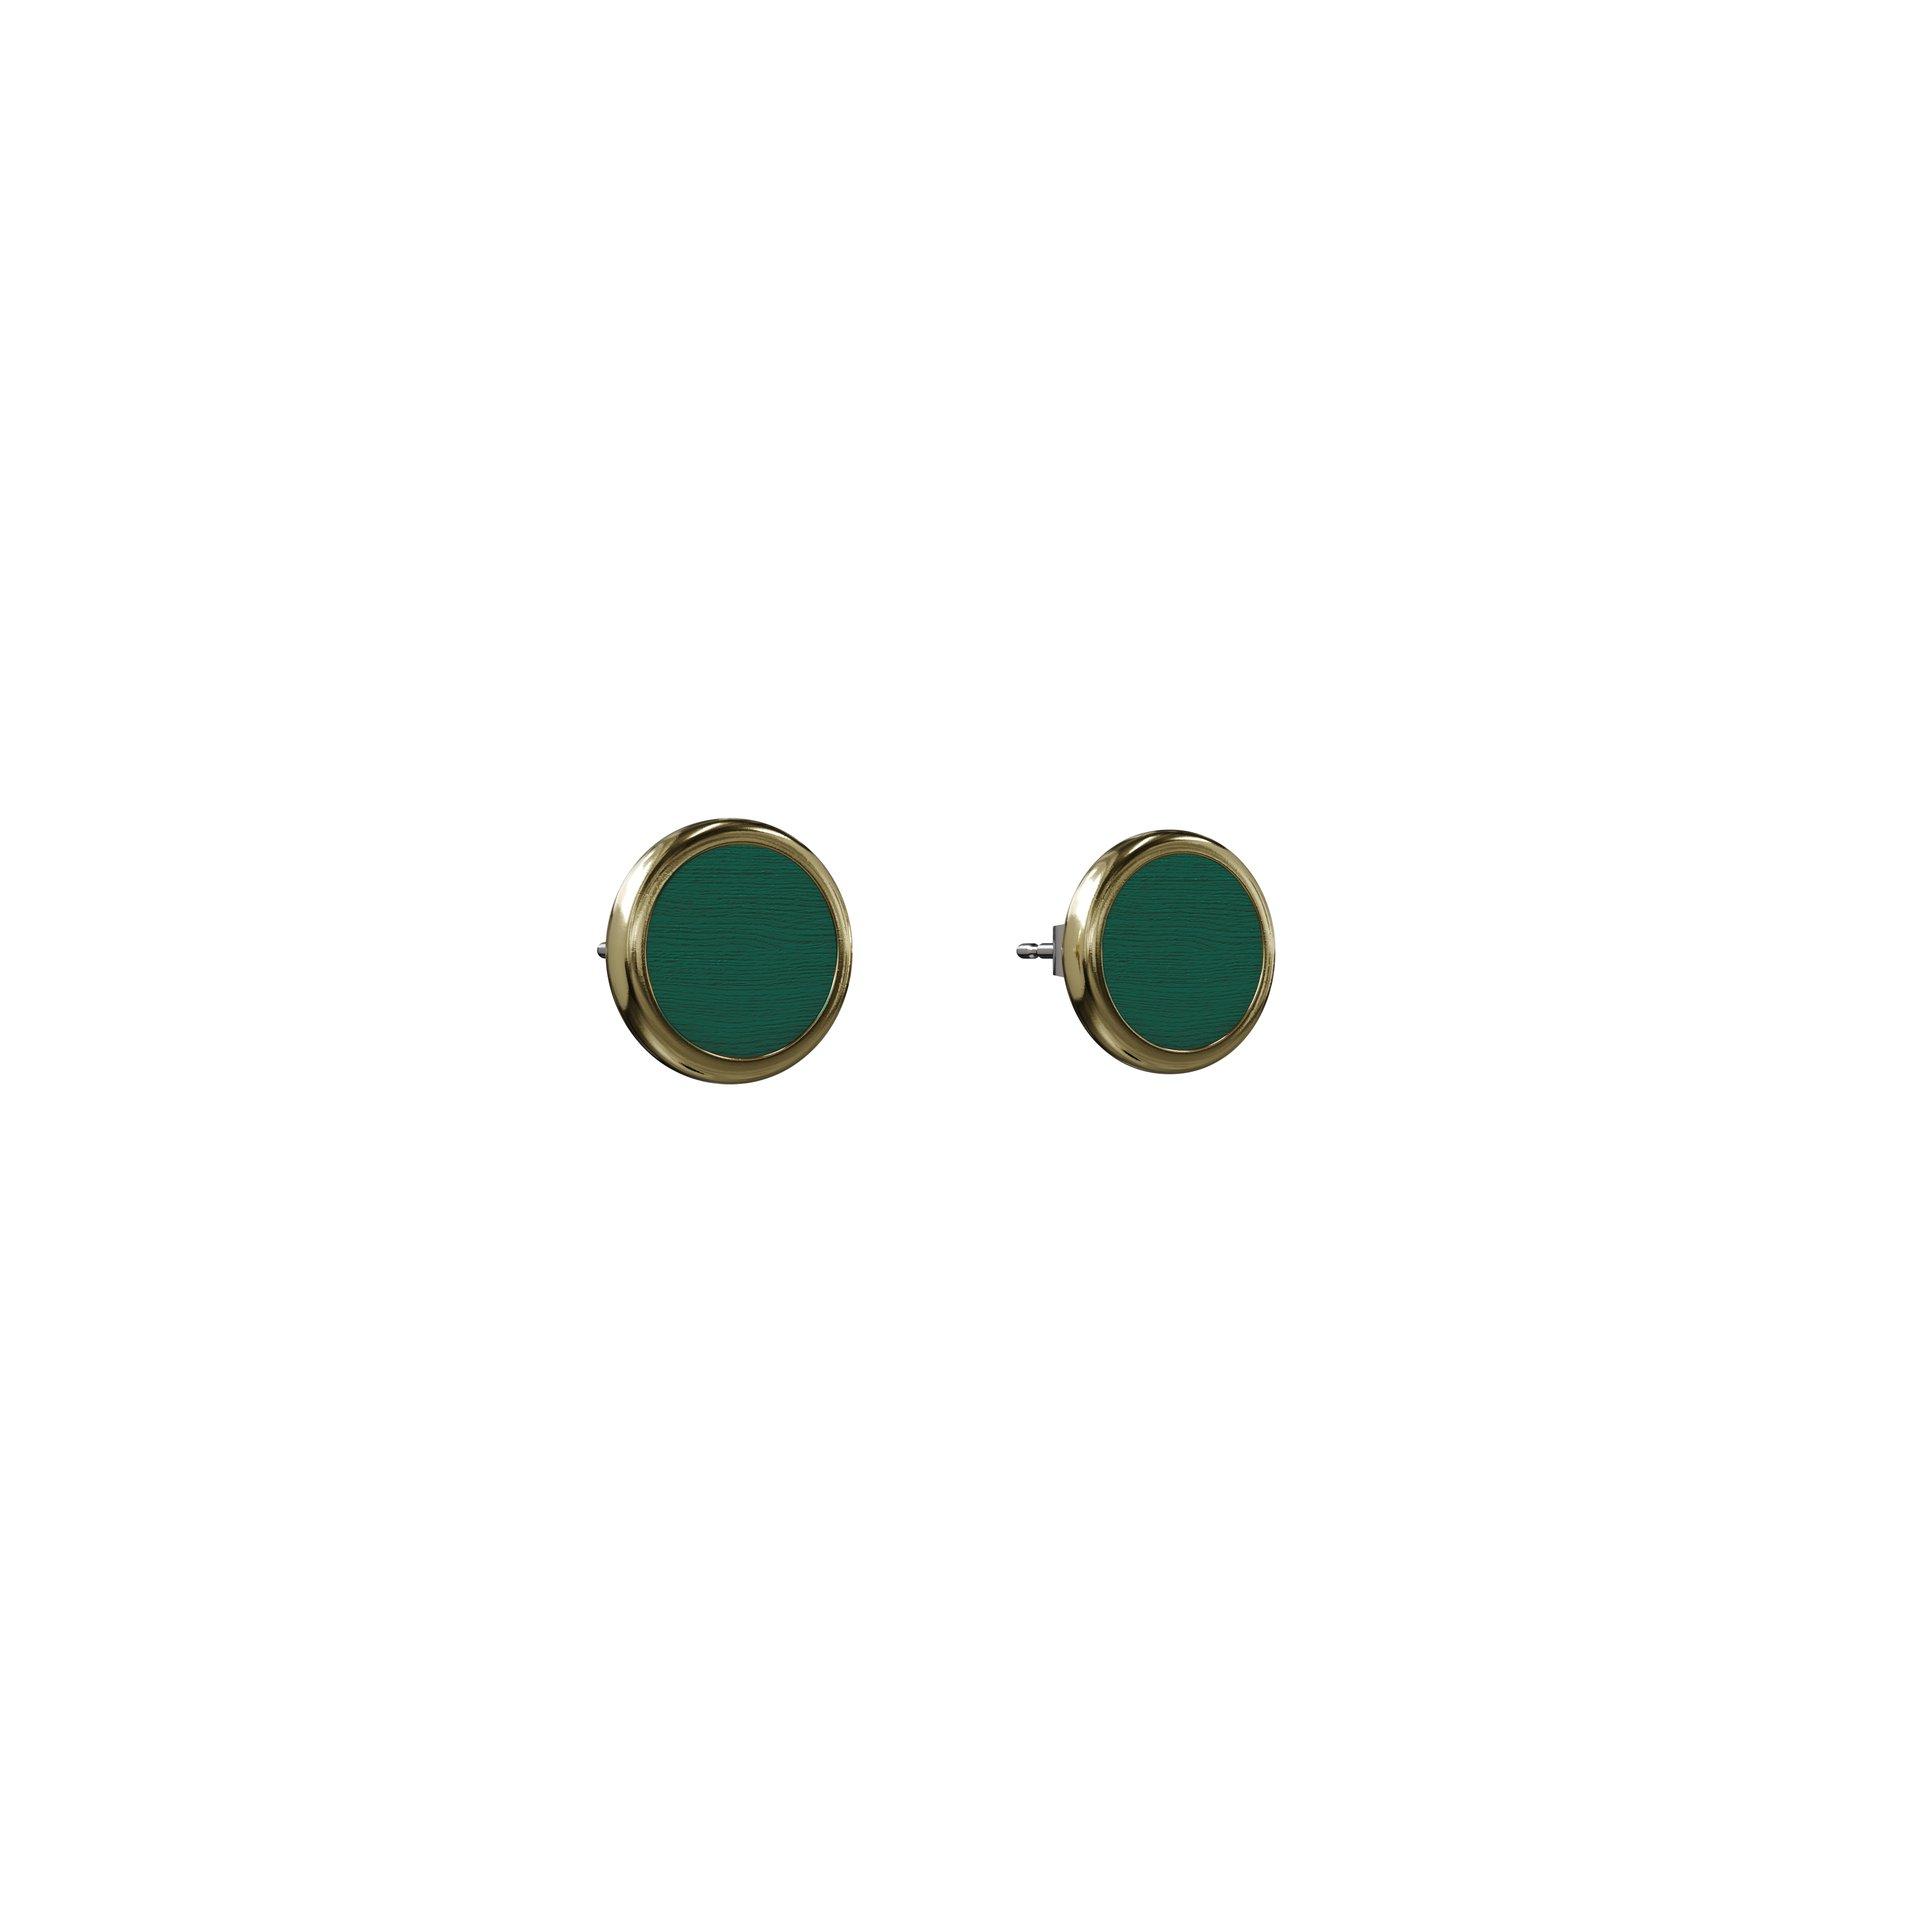 Øreringe Suffiks – Grøn/Guld